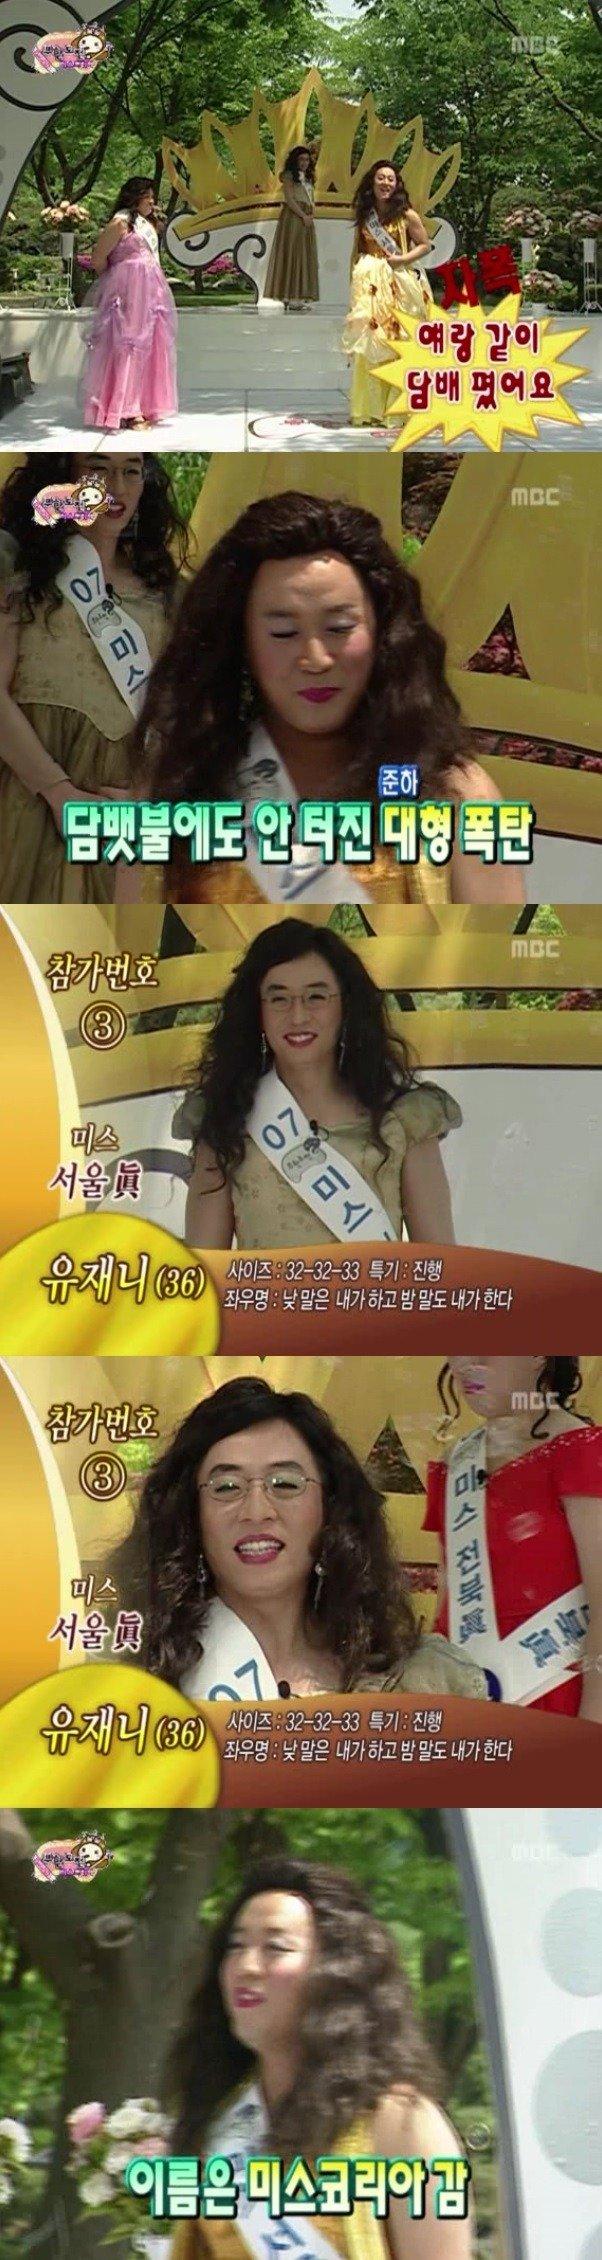 7.jpg 무한도전 미스코리아 특집 오프닝 상황극